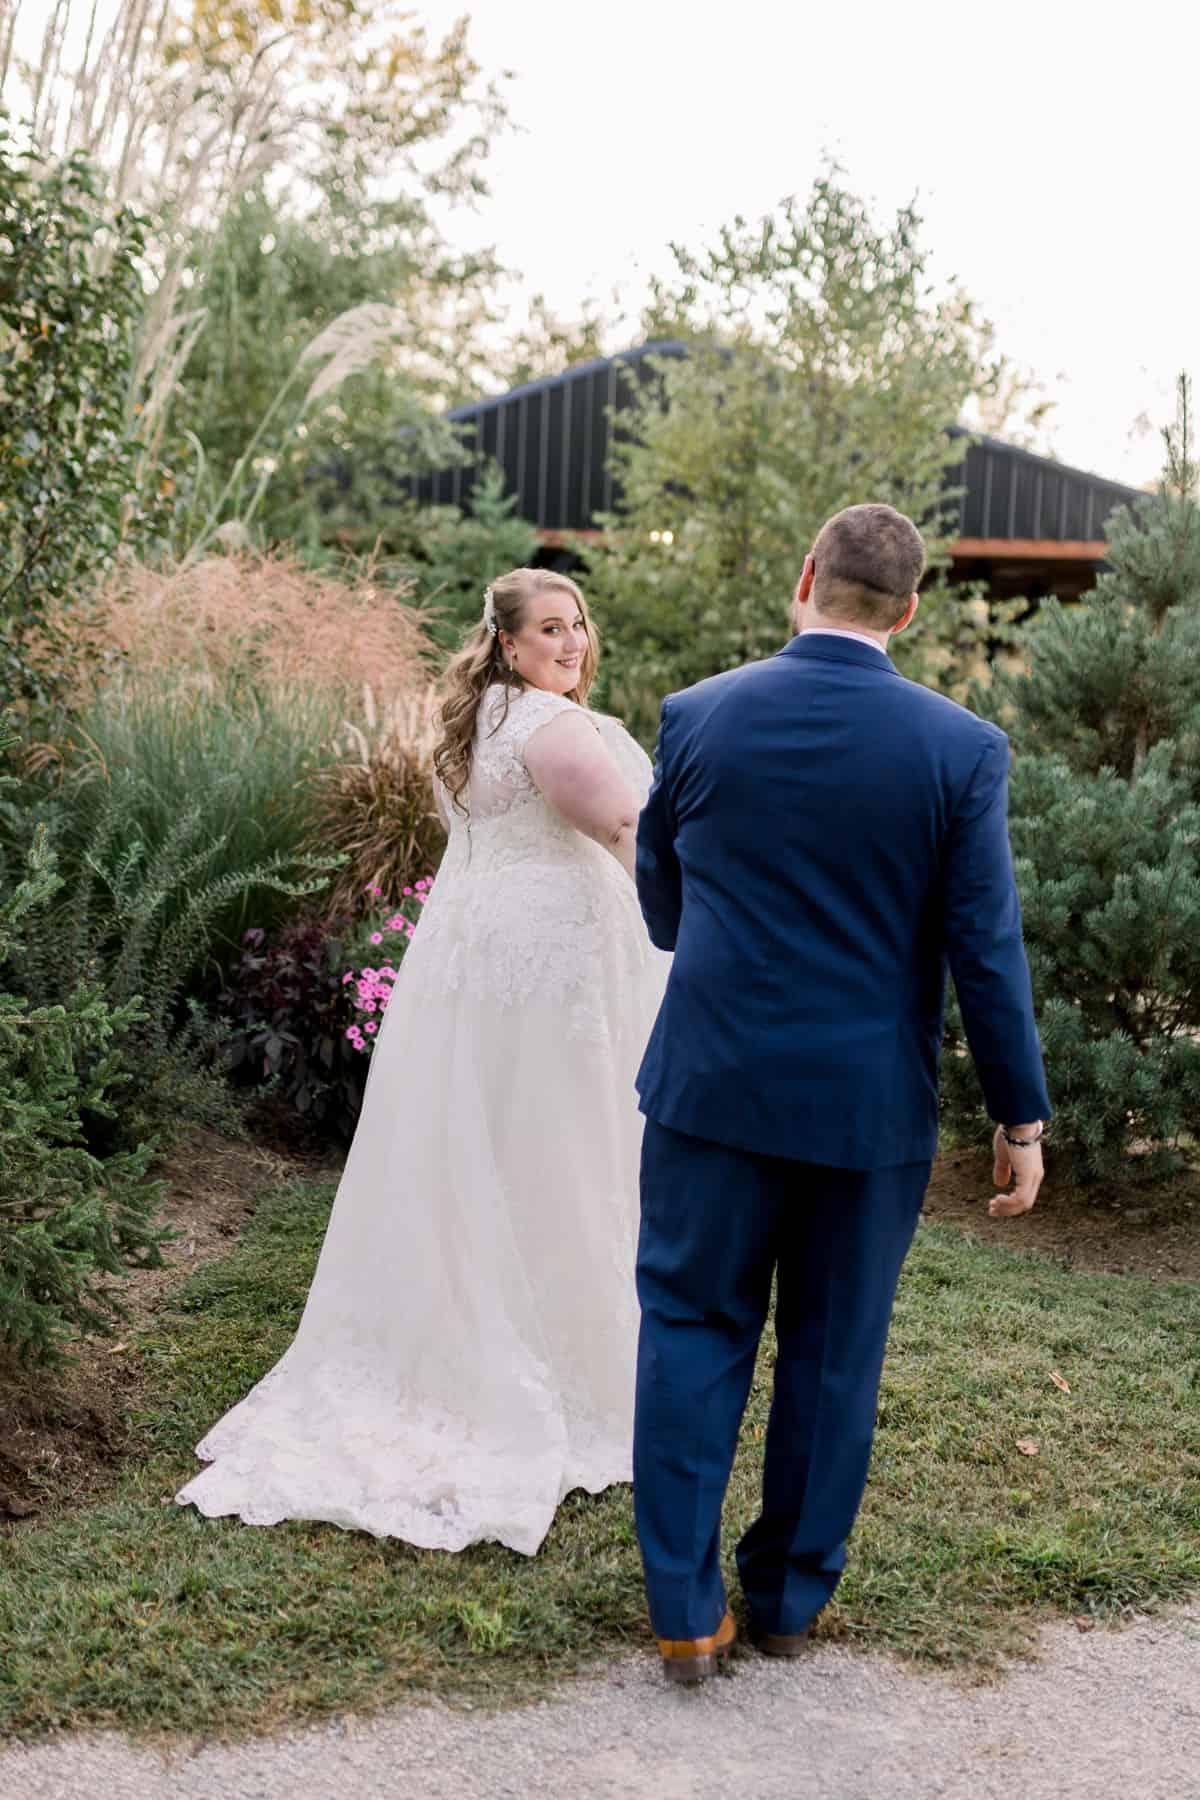 O'Fallon, Missouri Marry Me Cottage Wedding, St. Louis Wedding Photographer